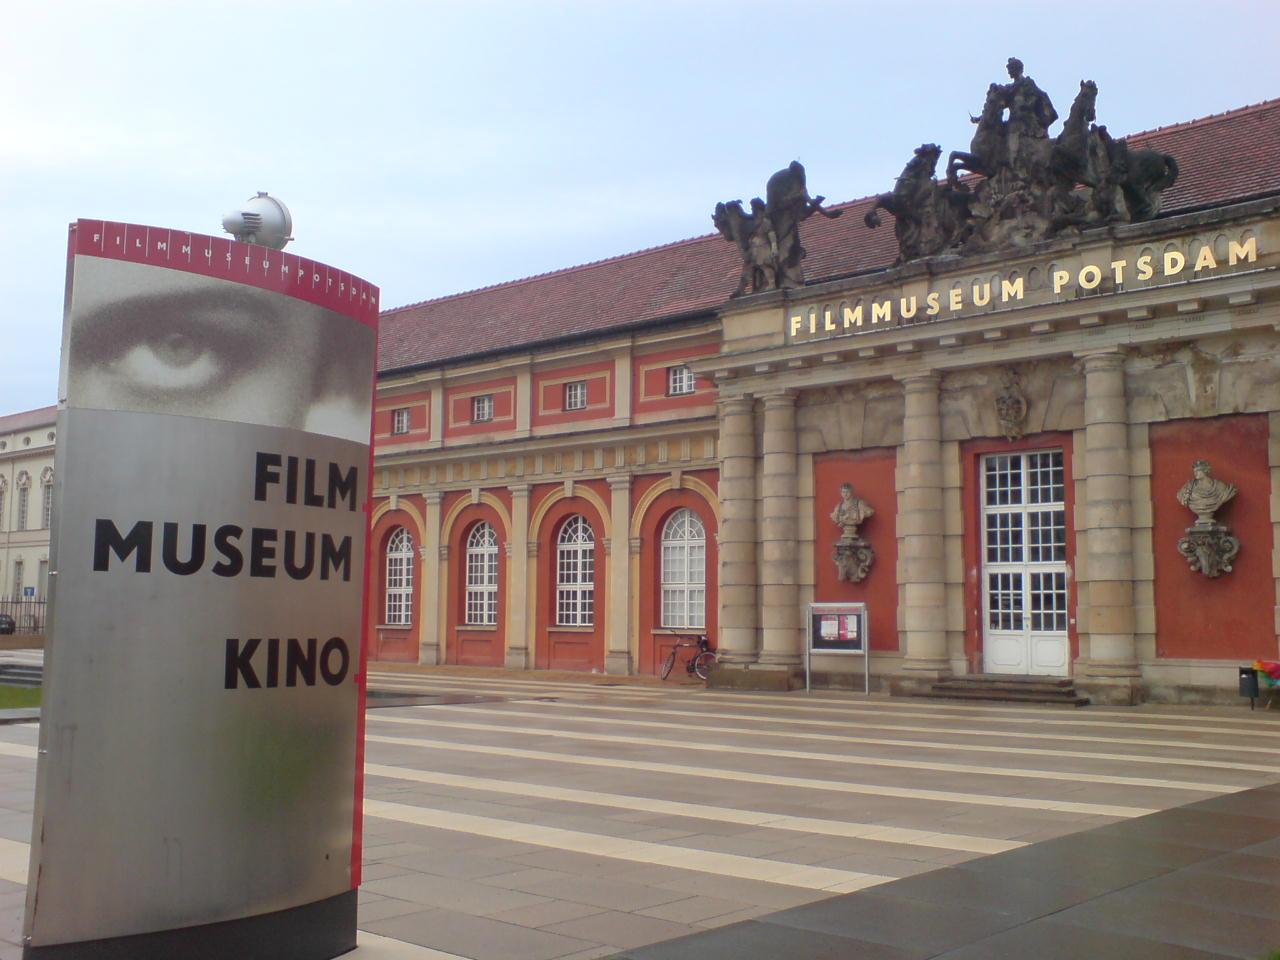 filmmuseum-potsdam